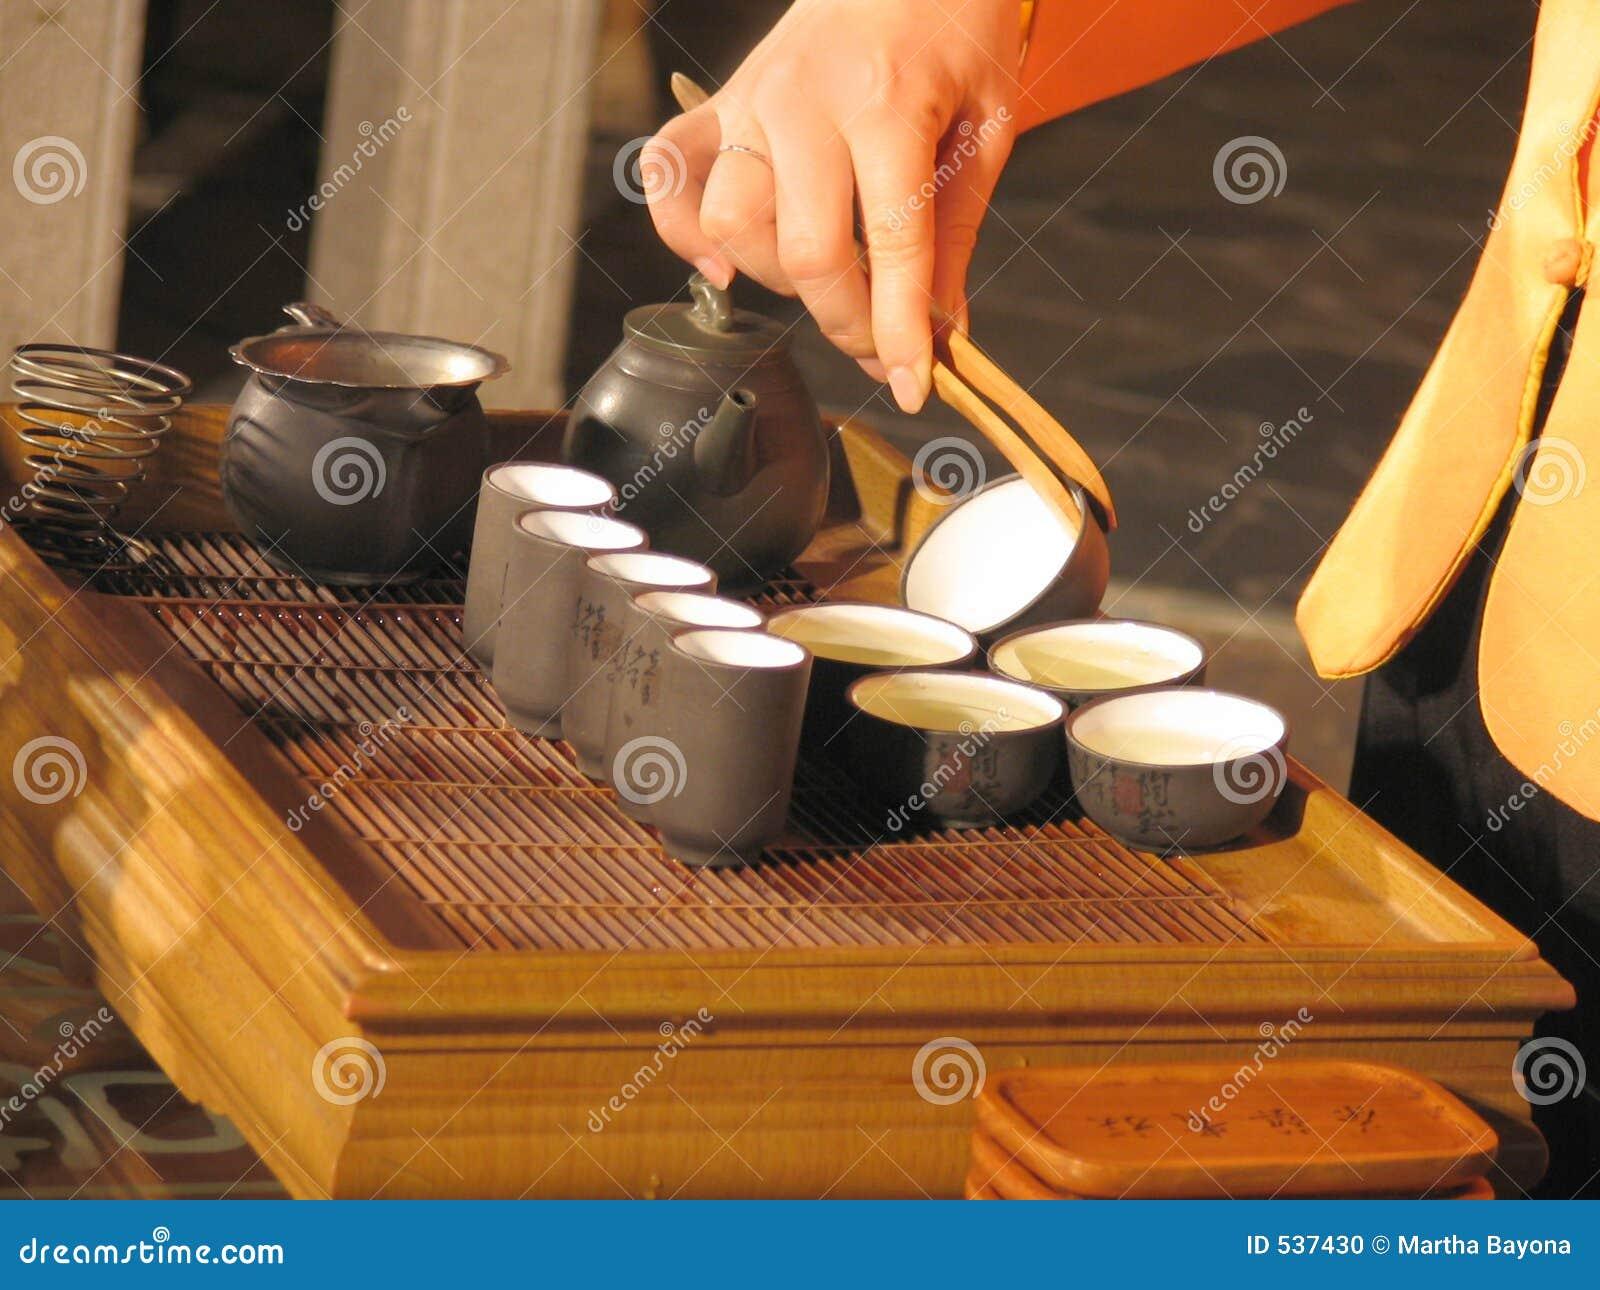 Download 中国茶 库存照片. 图片 包括有 阿诺德, 食物, 聚会所, 汉语, 烹调, 草本, 饮料, 注入, 杯子, 健康 - 537430